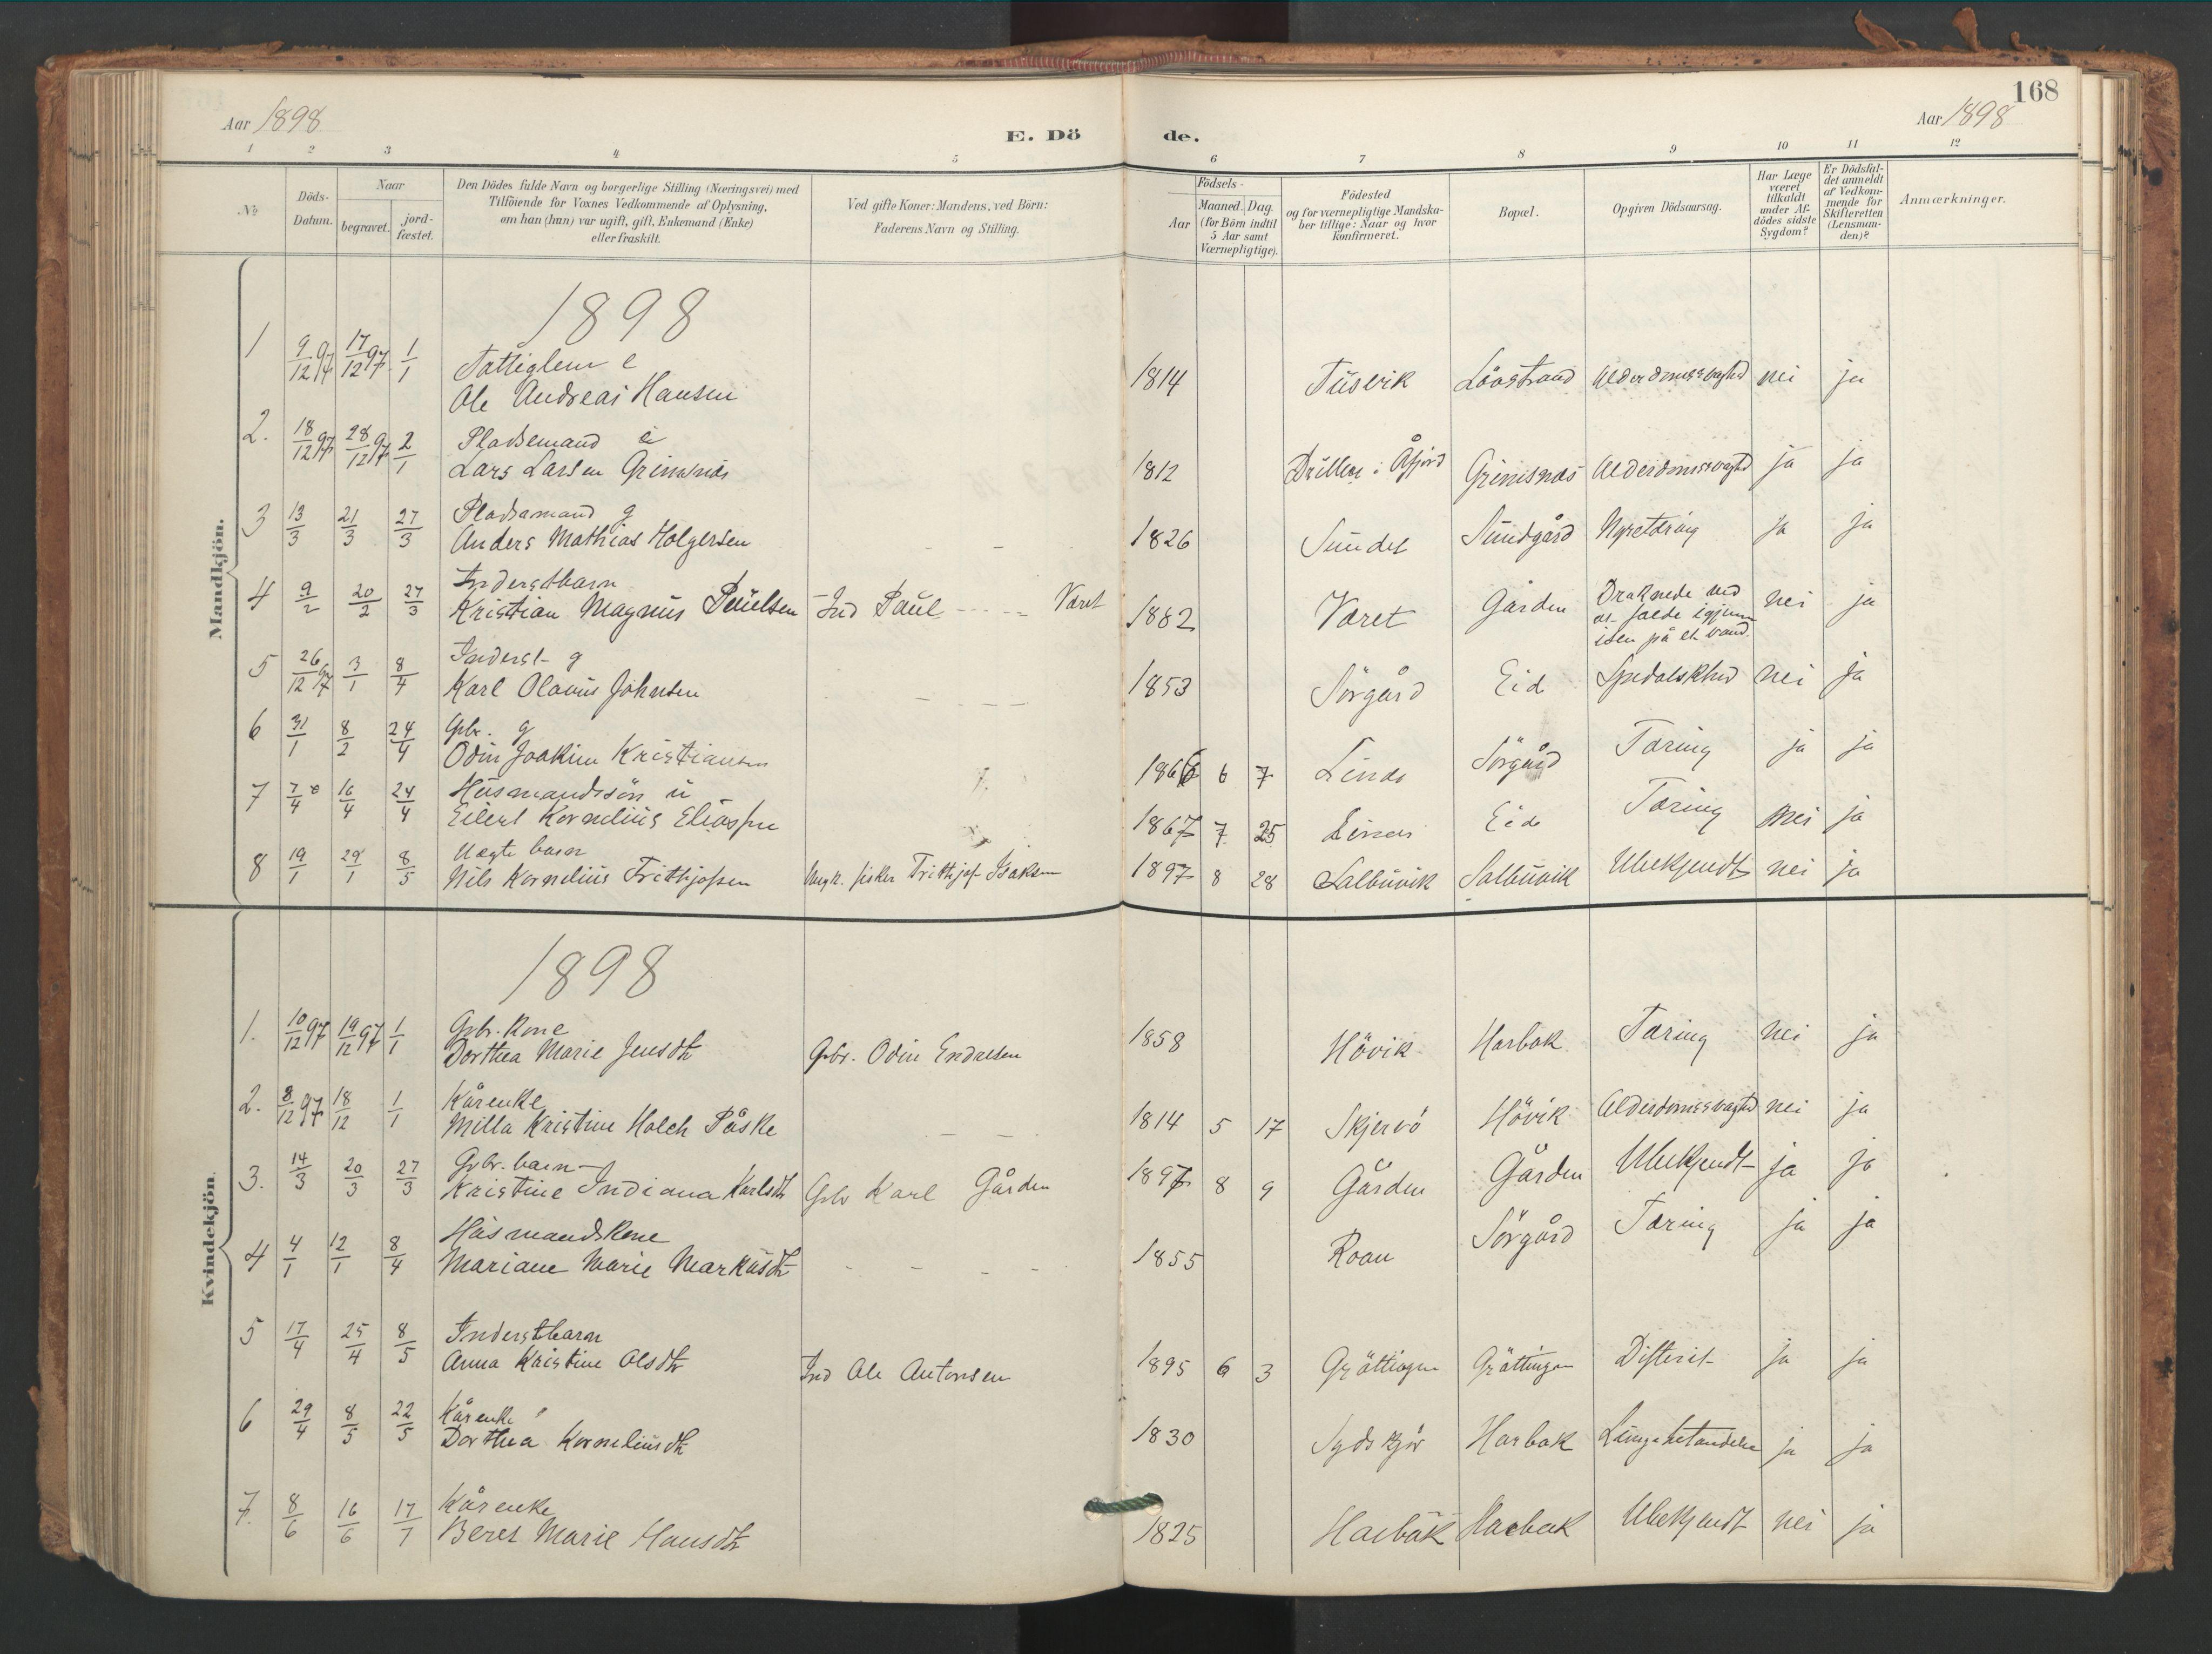 SAT, Ministerialprotokoller, klokkerbøker og fødselsregistre - Sør-Trøndelag, 656/L0693: Ministerialbok nr. 656A02, 1894-1913, s. 168